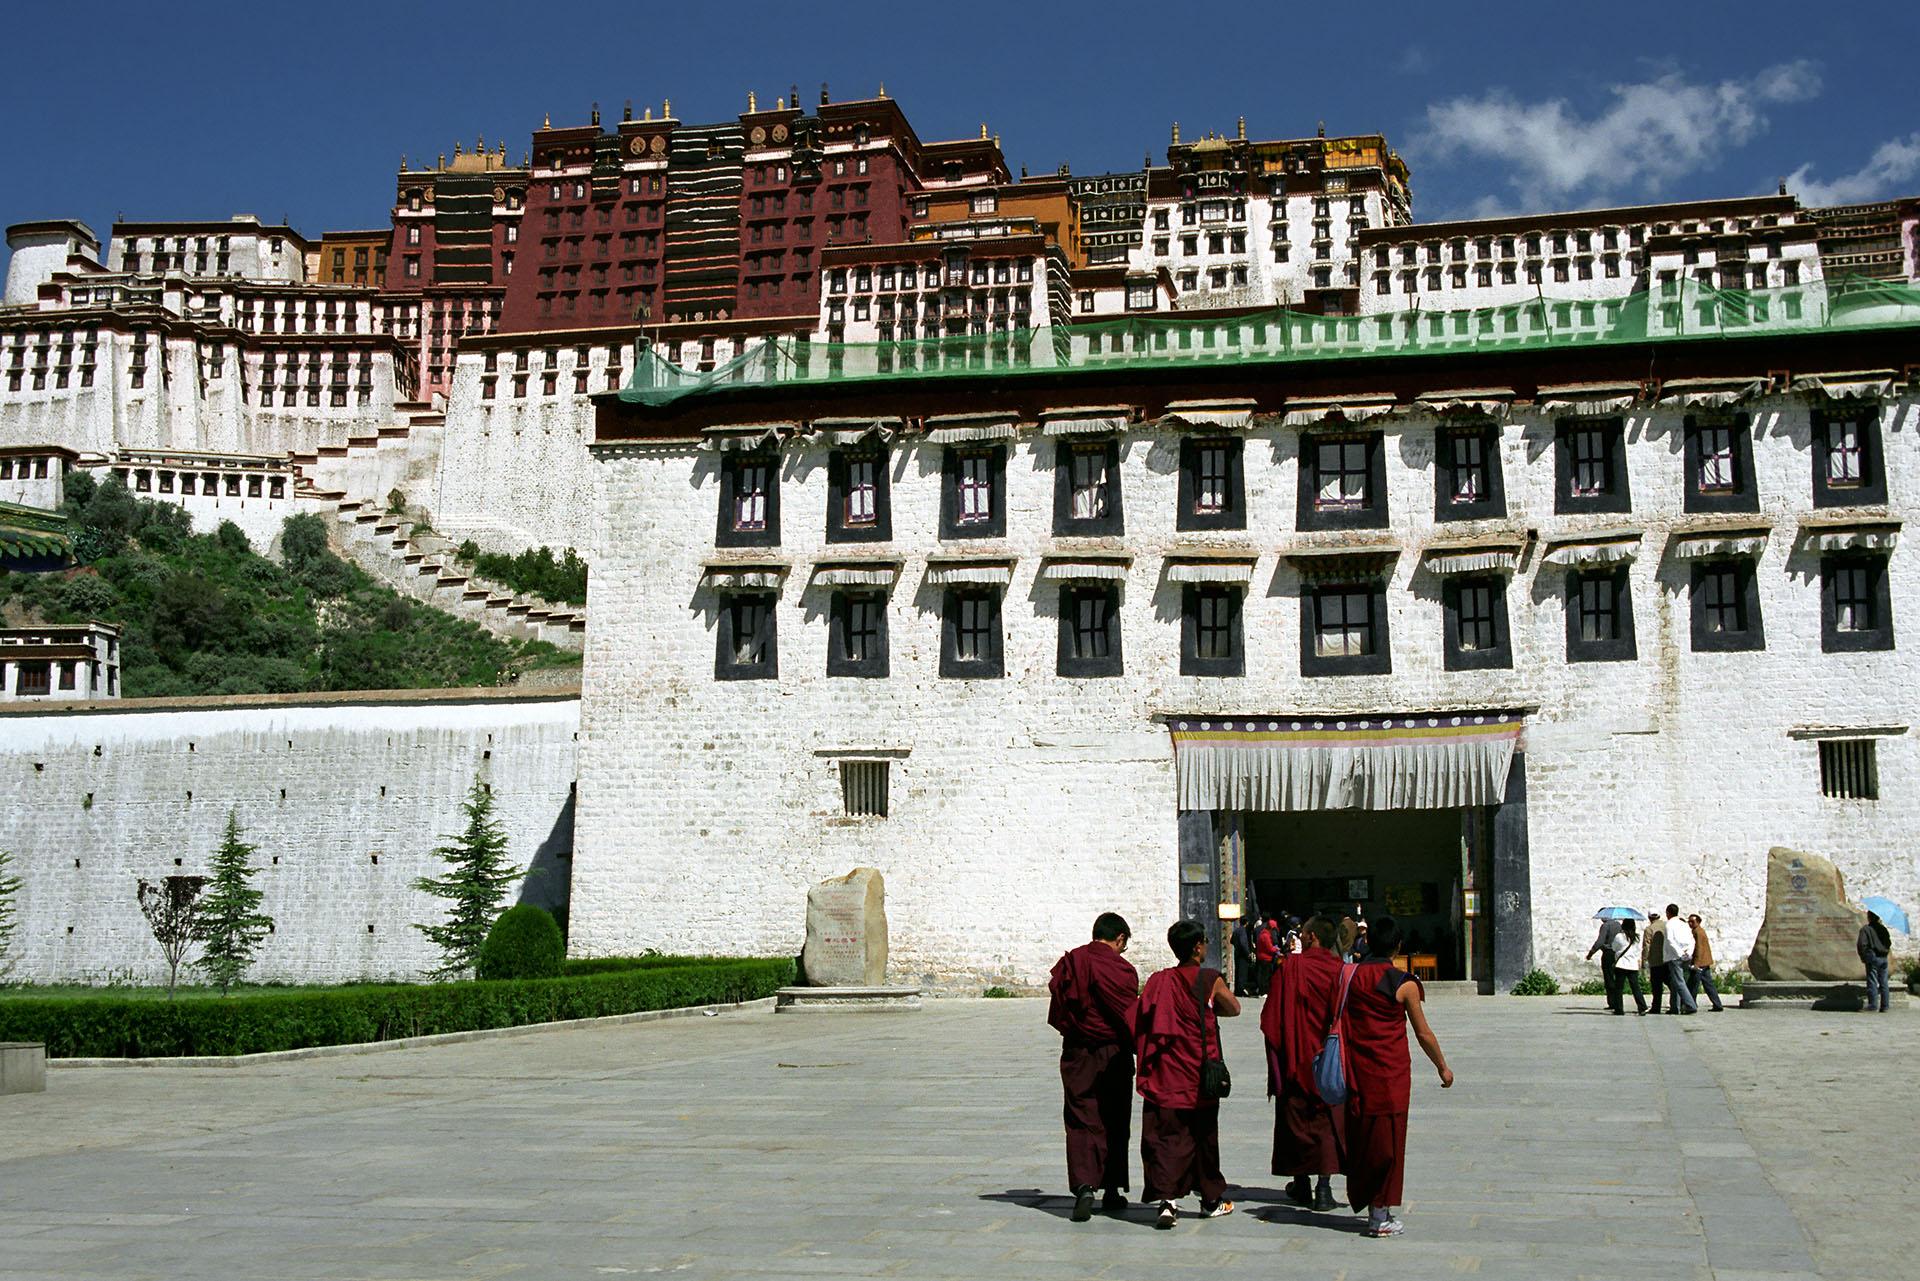 El Palacio Blanco o Potrang Karpo constituye la residencia del Dalái Lama. Comenzó a construirse durante el gobierno del Quinto Dalái Lama, trasladándose aquí con su gobierno en 1649